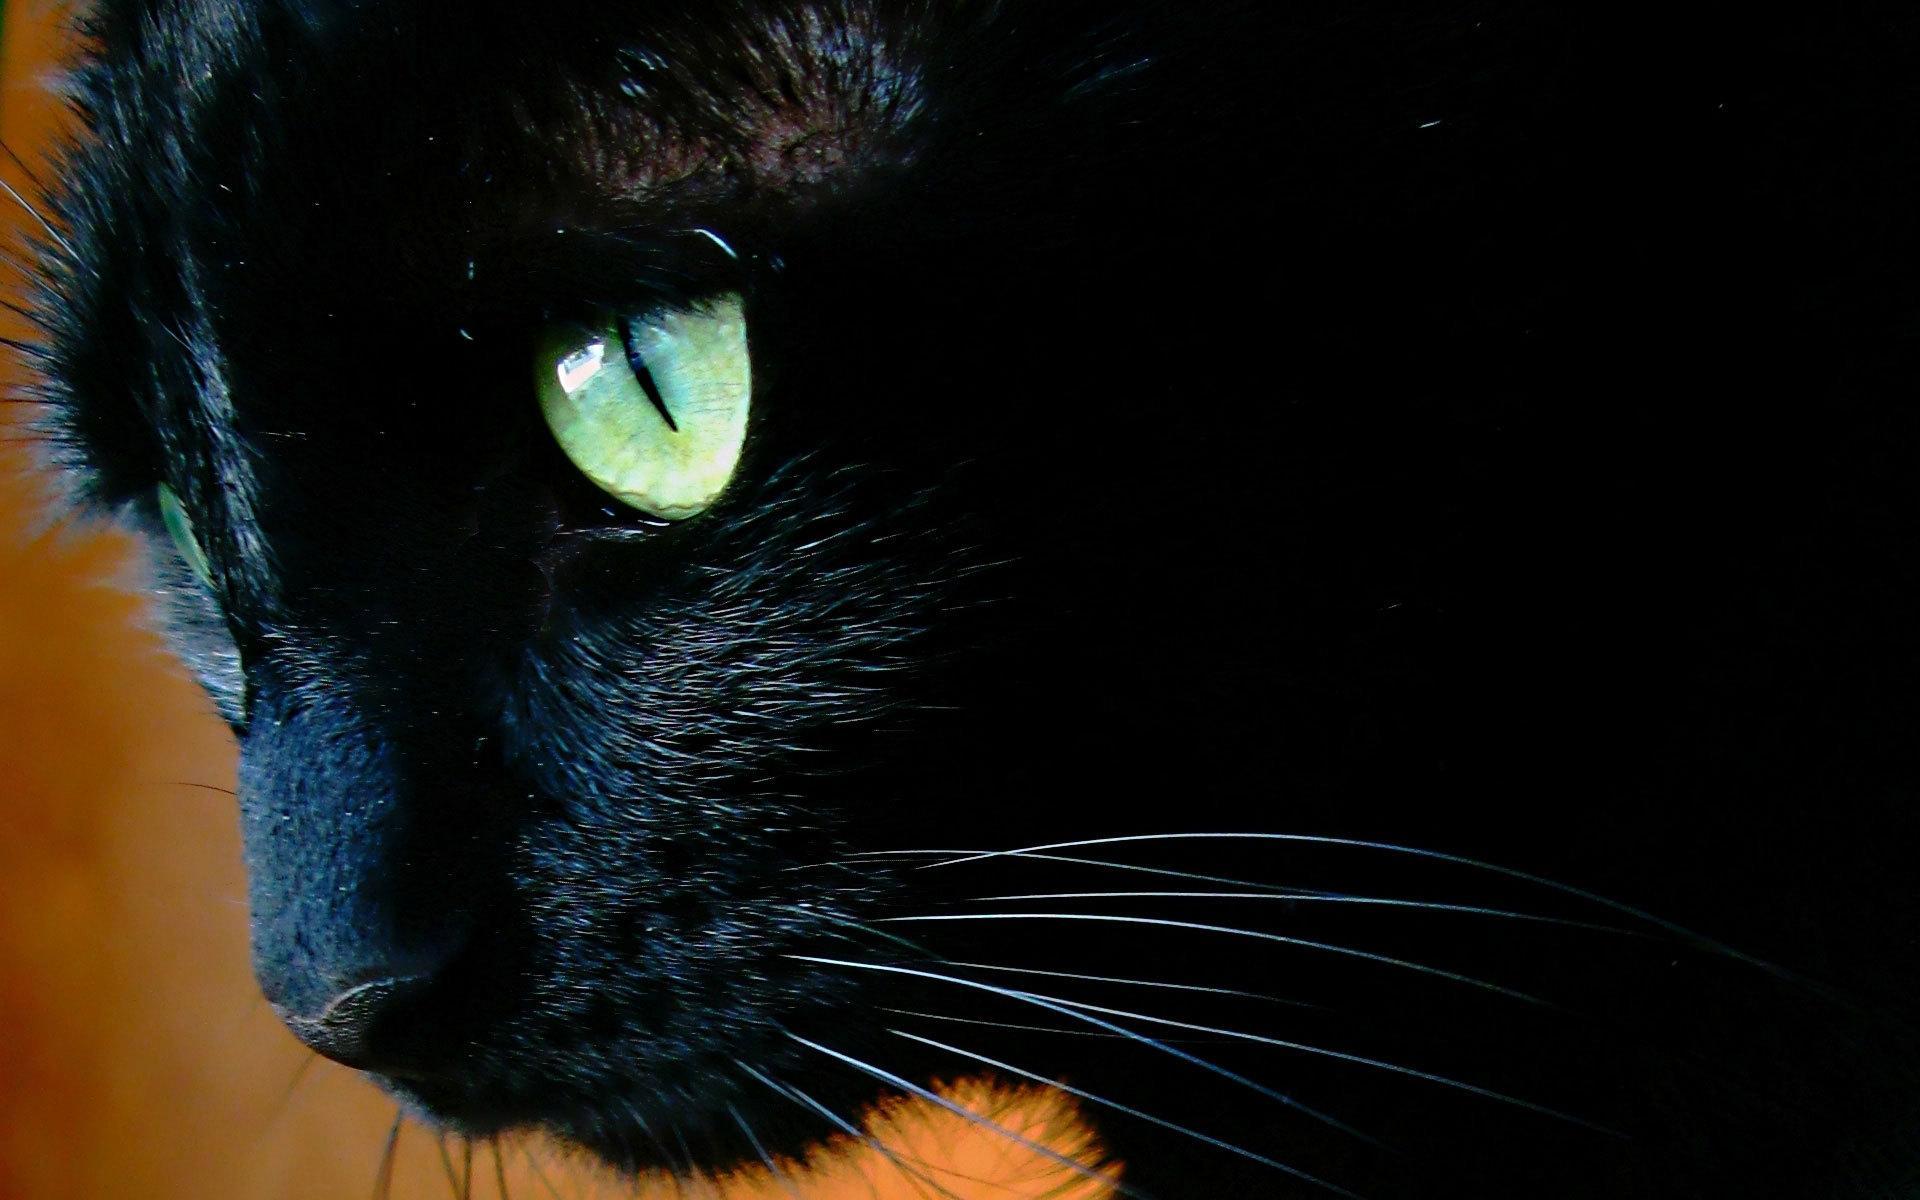 обои на рабочий стол черная кошка с зелеными глазами № 174227 загрузить